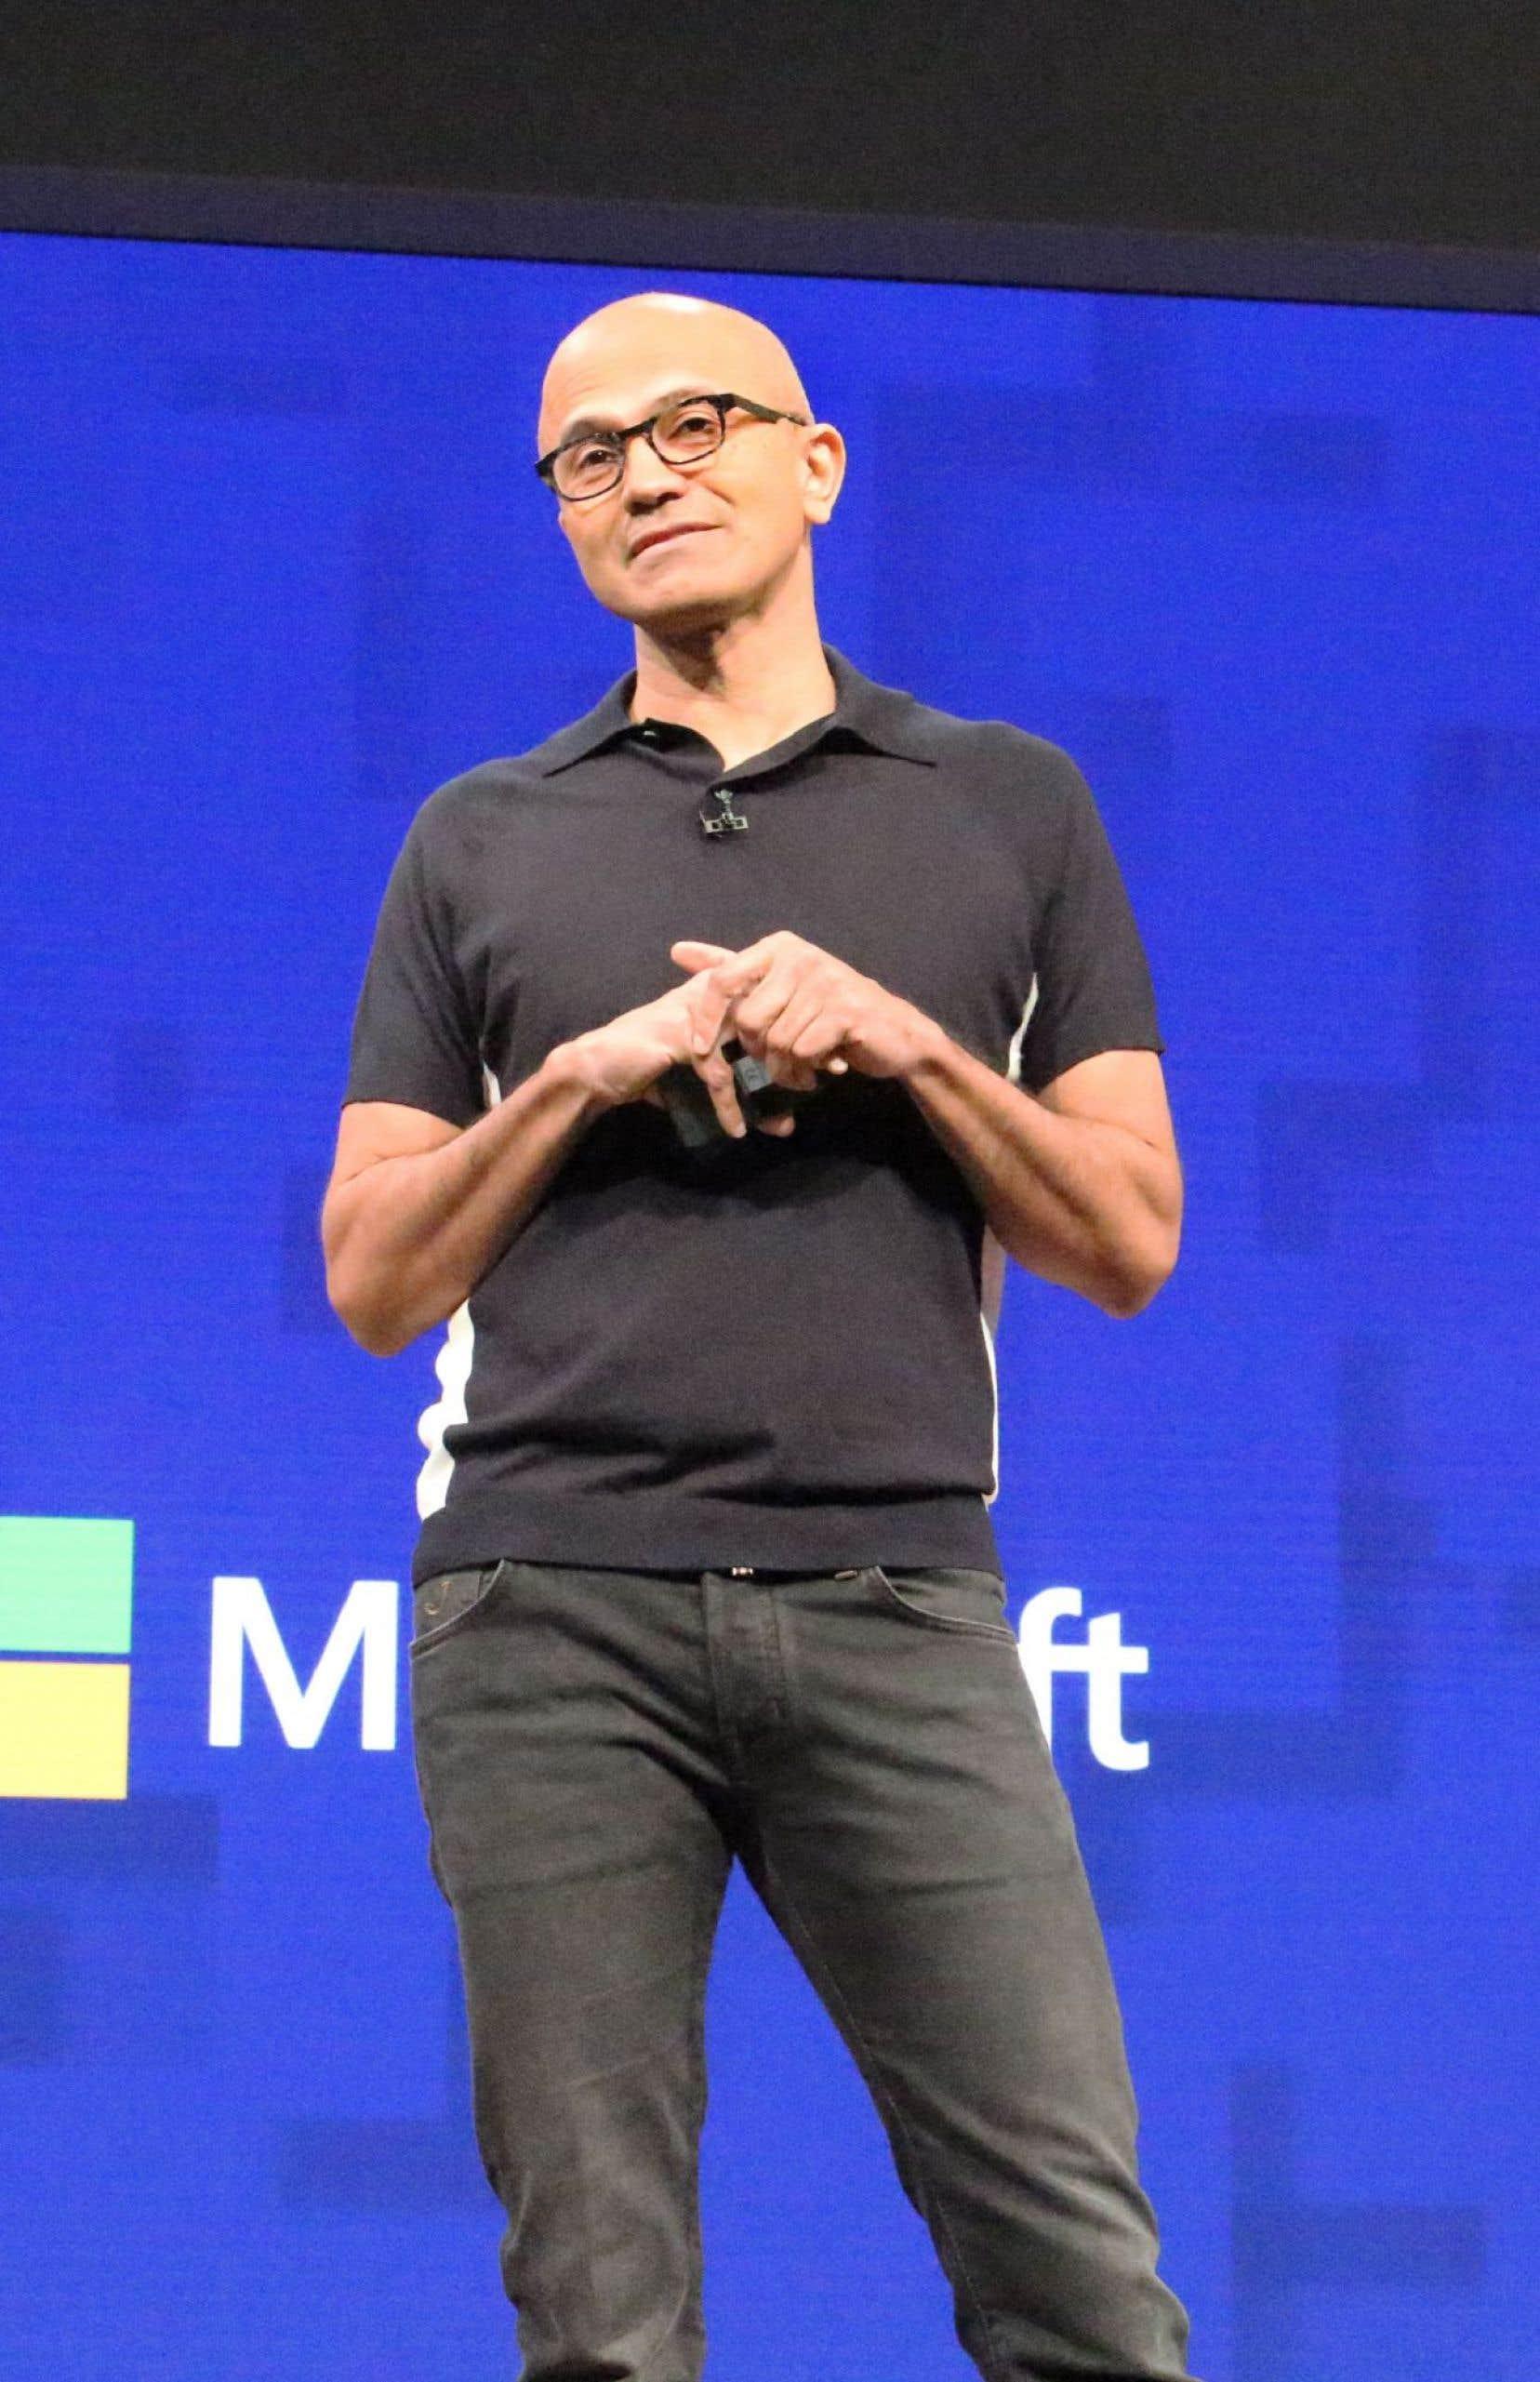 Il faut établir des relations de confiance entre la technologie et ses utilisateurs, a affirmé le p.-d.g. de Microsoft, Satya Nadella.